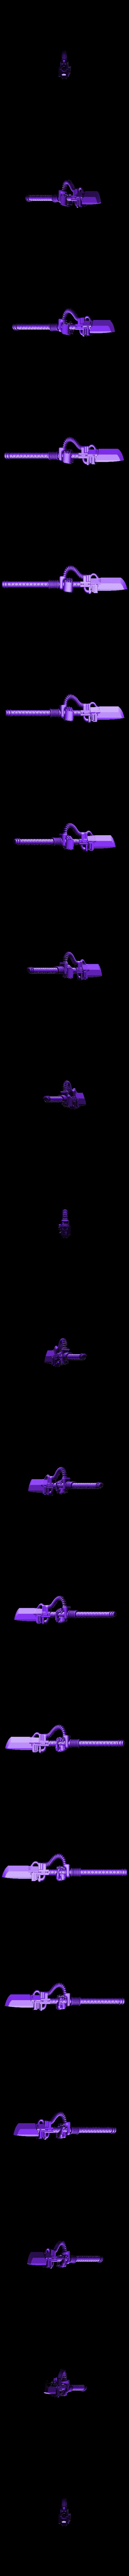 Halberd L.stl Télécharger fichier STL gratuit L'équipe des Chevaliers gris Primaris • Modèle pour imprimante 3D, joeldawson93